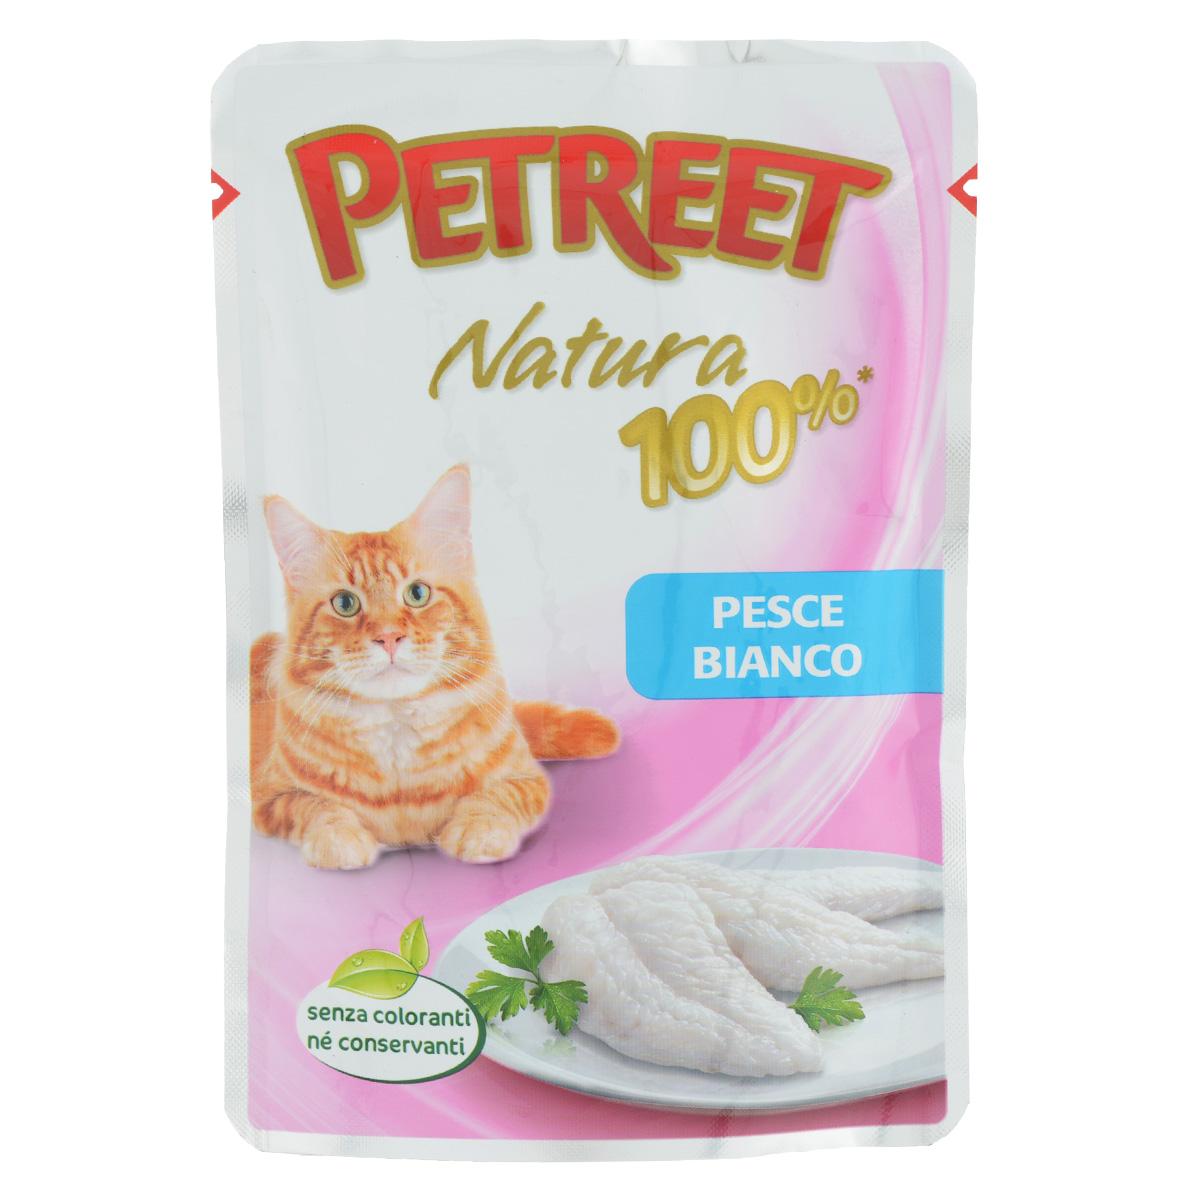 Консервы для кошек Petreet, с белой рыбой, 85 гА55003Консервы для кошек Petreet - это линейка кормов, в которых содержится белок только животного происхождения. Это помогает защитить вашу кошку от пищевой аллергии, тем самым обеспечивая ее полезное и вкусное питание. Консервы для кошек Petreet специально разработаны без добавления консервантов, красителей и усилителей вкуса. Характеристики: Состав: белая рыба (60%), рисовая мука (1%), модифицированный крахмал.Пищевая ценность: белки - 10%, влажность - 86%, масла - 1,0%, клетчатка - 0,5%, зола - 1 %.Вес: 85 г.Товар сертифицирован.